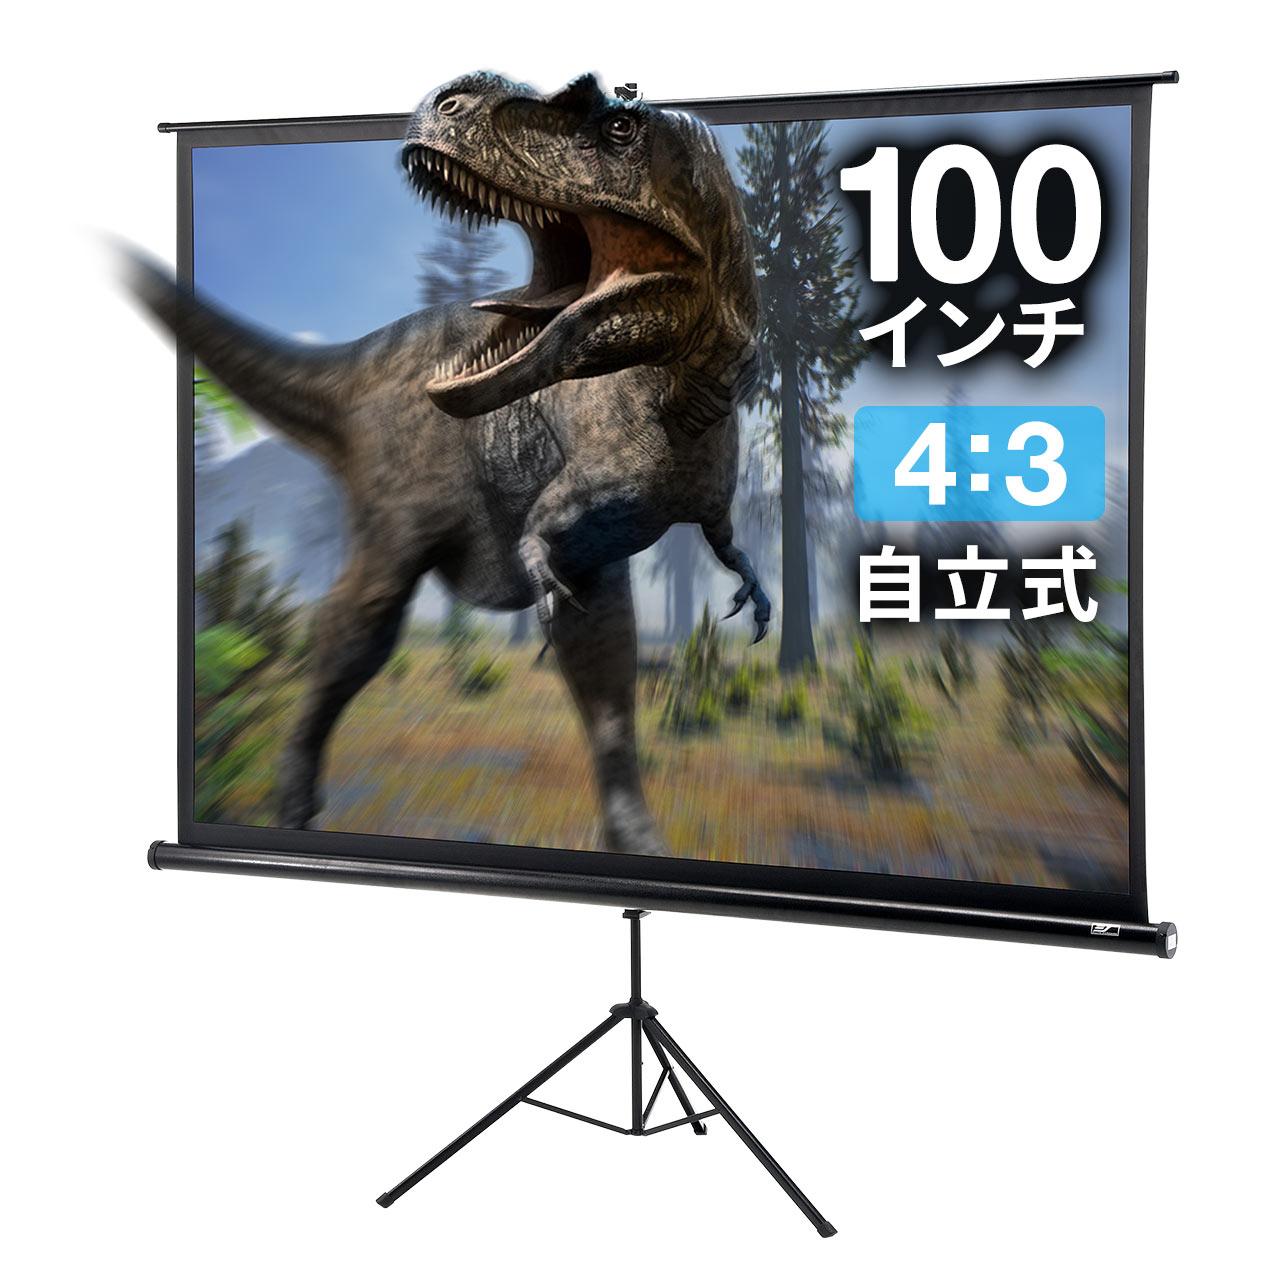 【送料無料】プロジェクタースクリーン 100型相当 自立式 床置き 三脚式 [100-PRS005]【サンワダイレクト限定品】